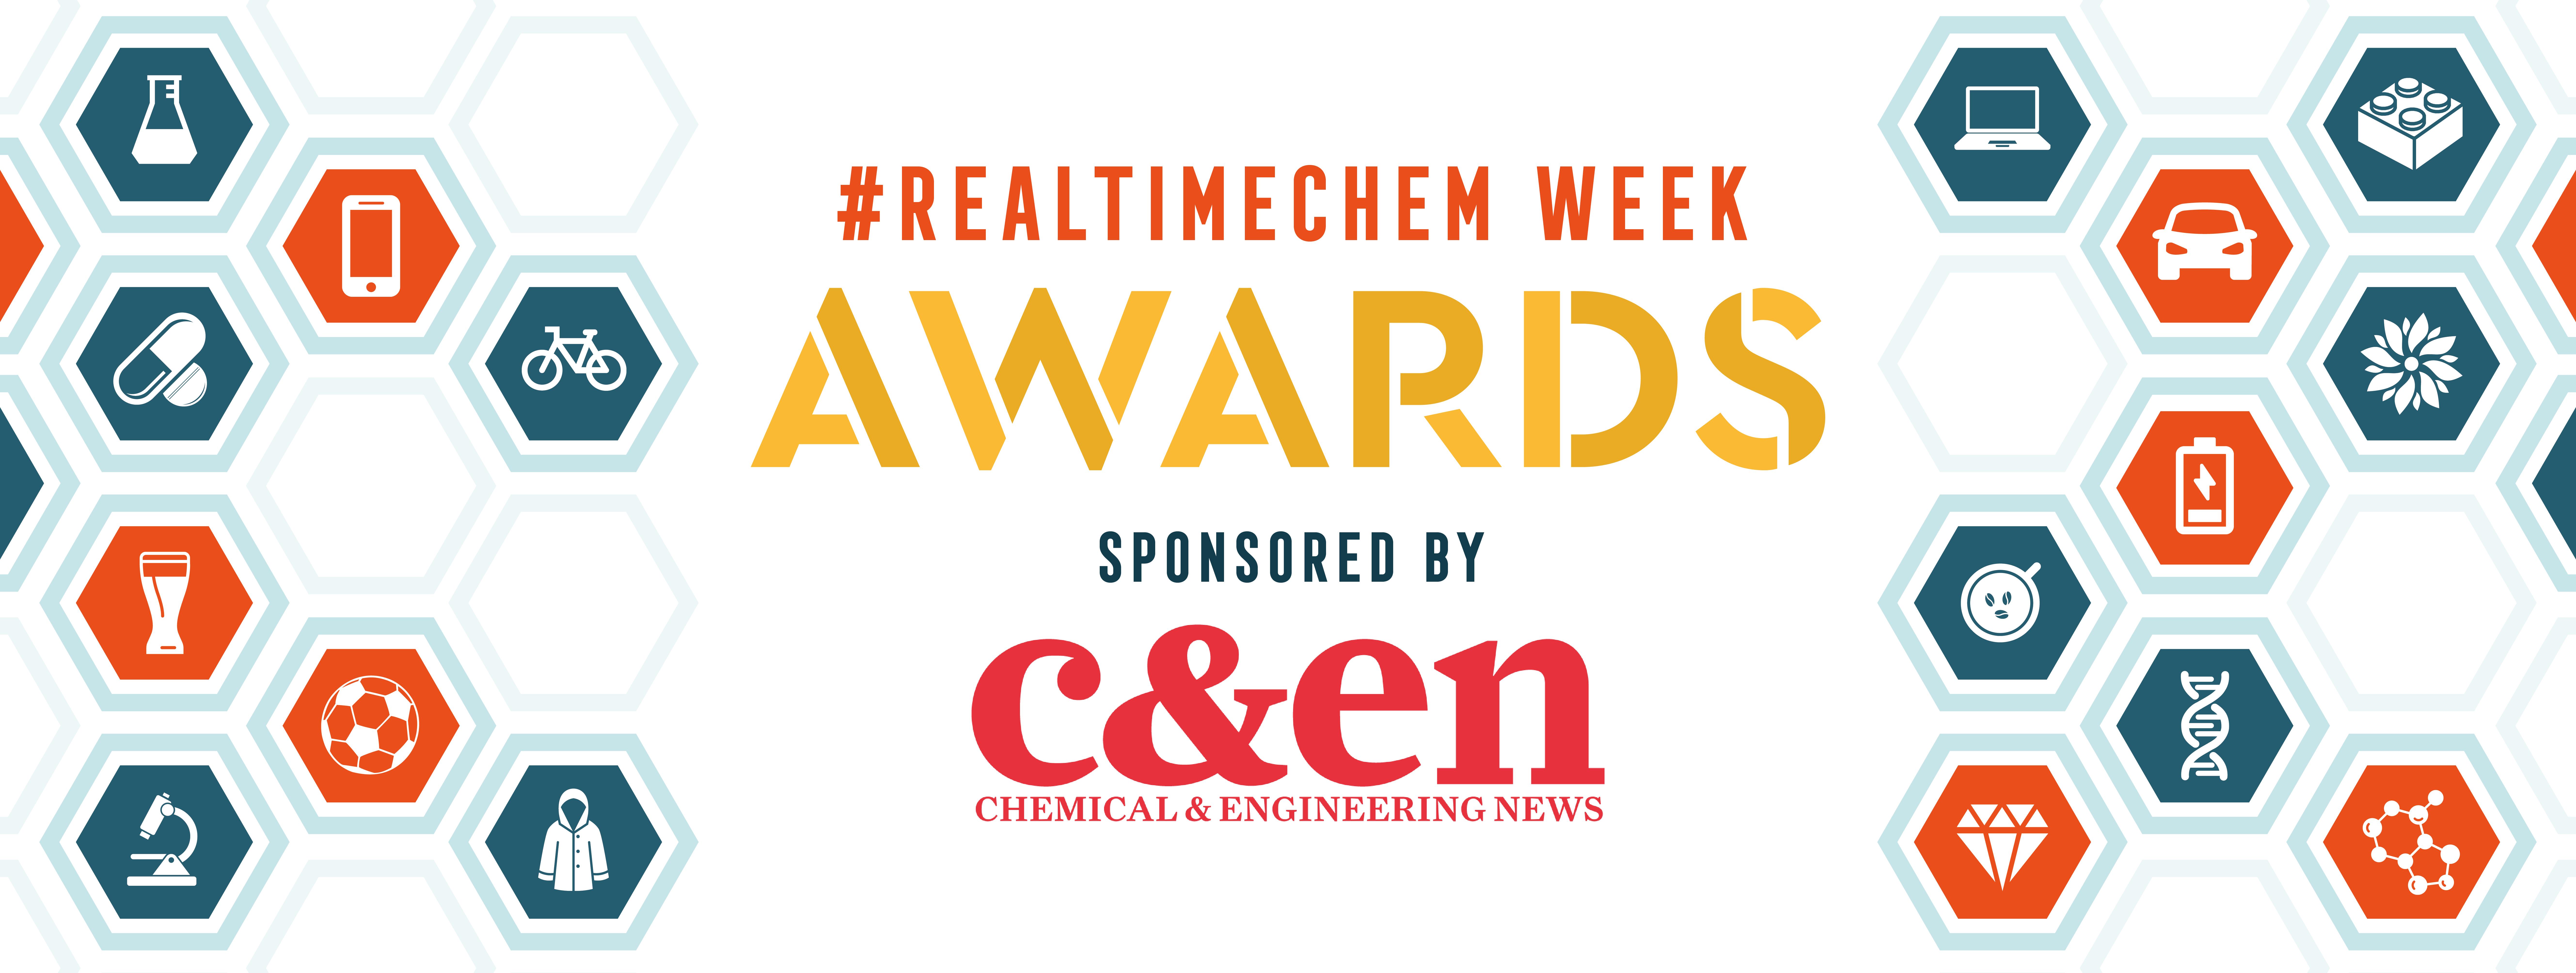 RTCW 2018 awards